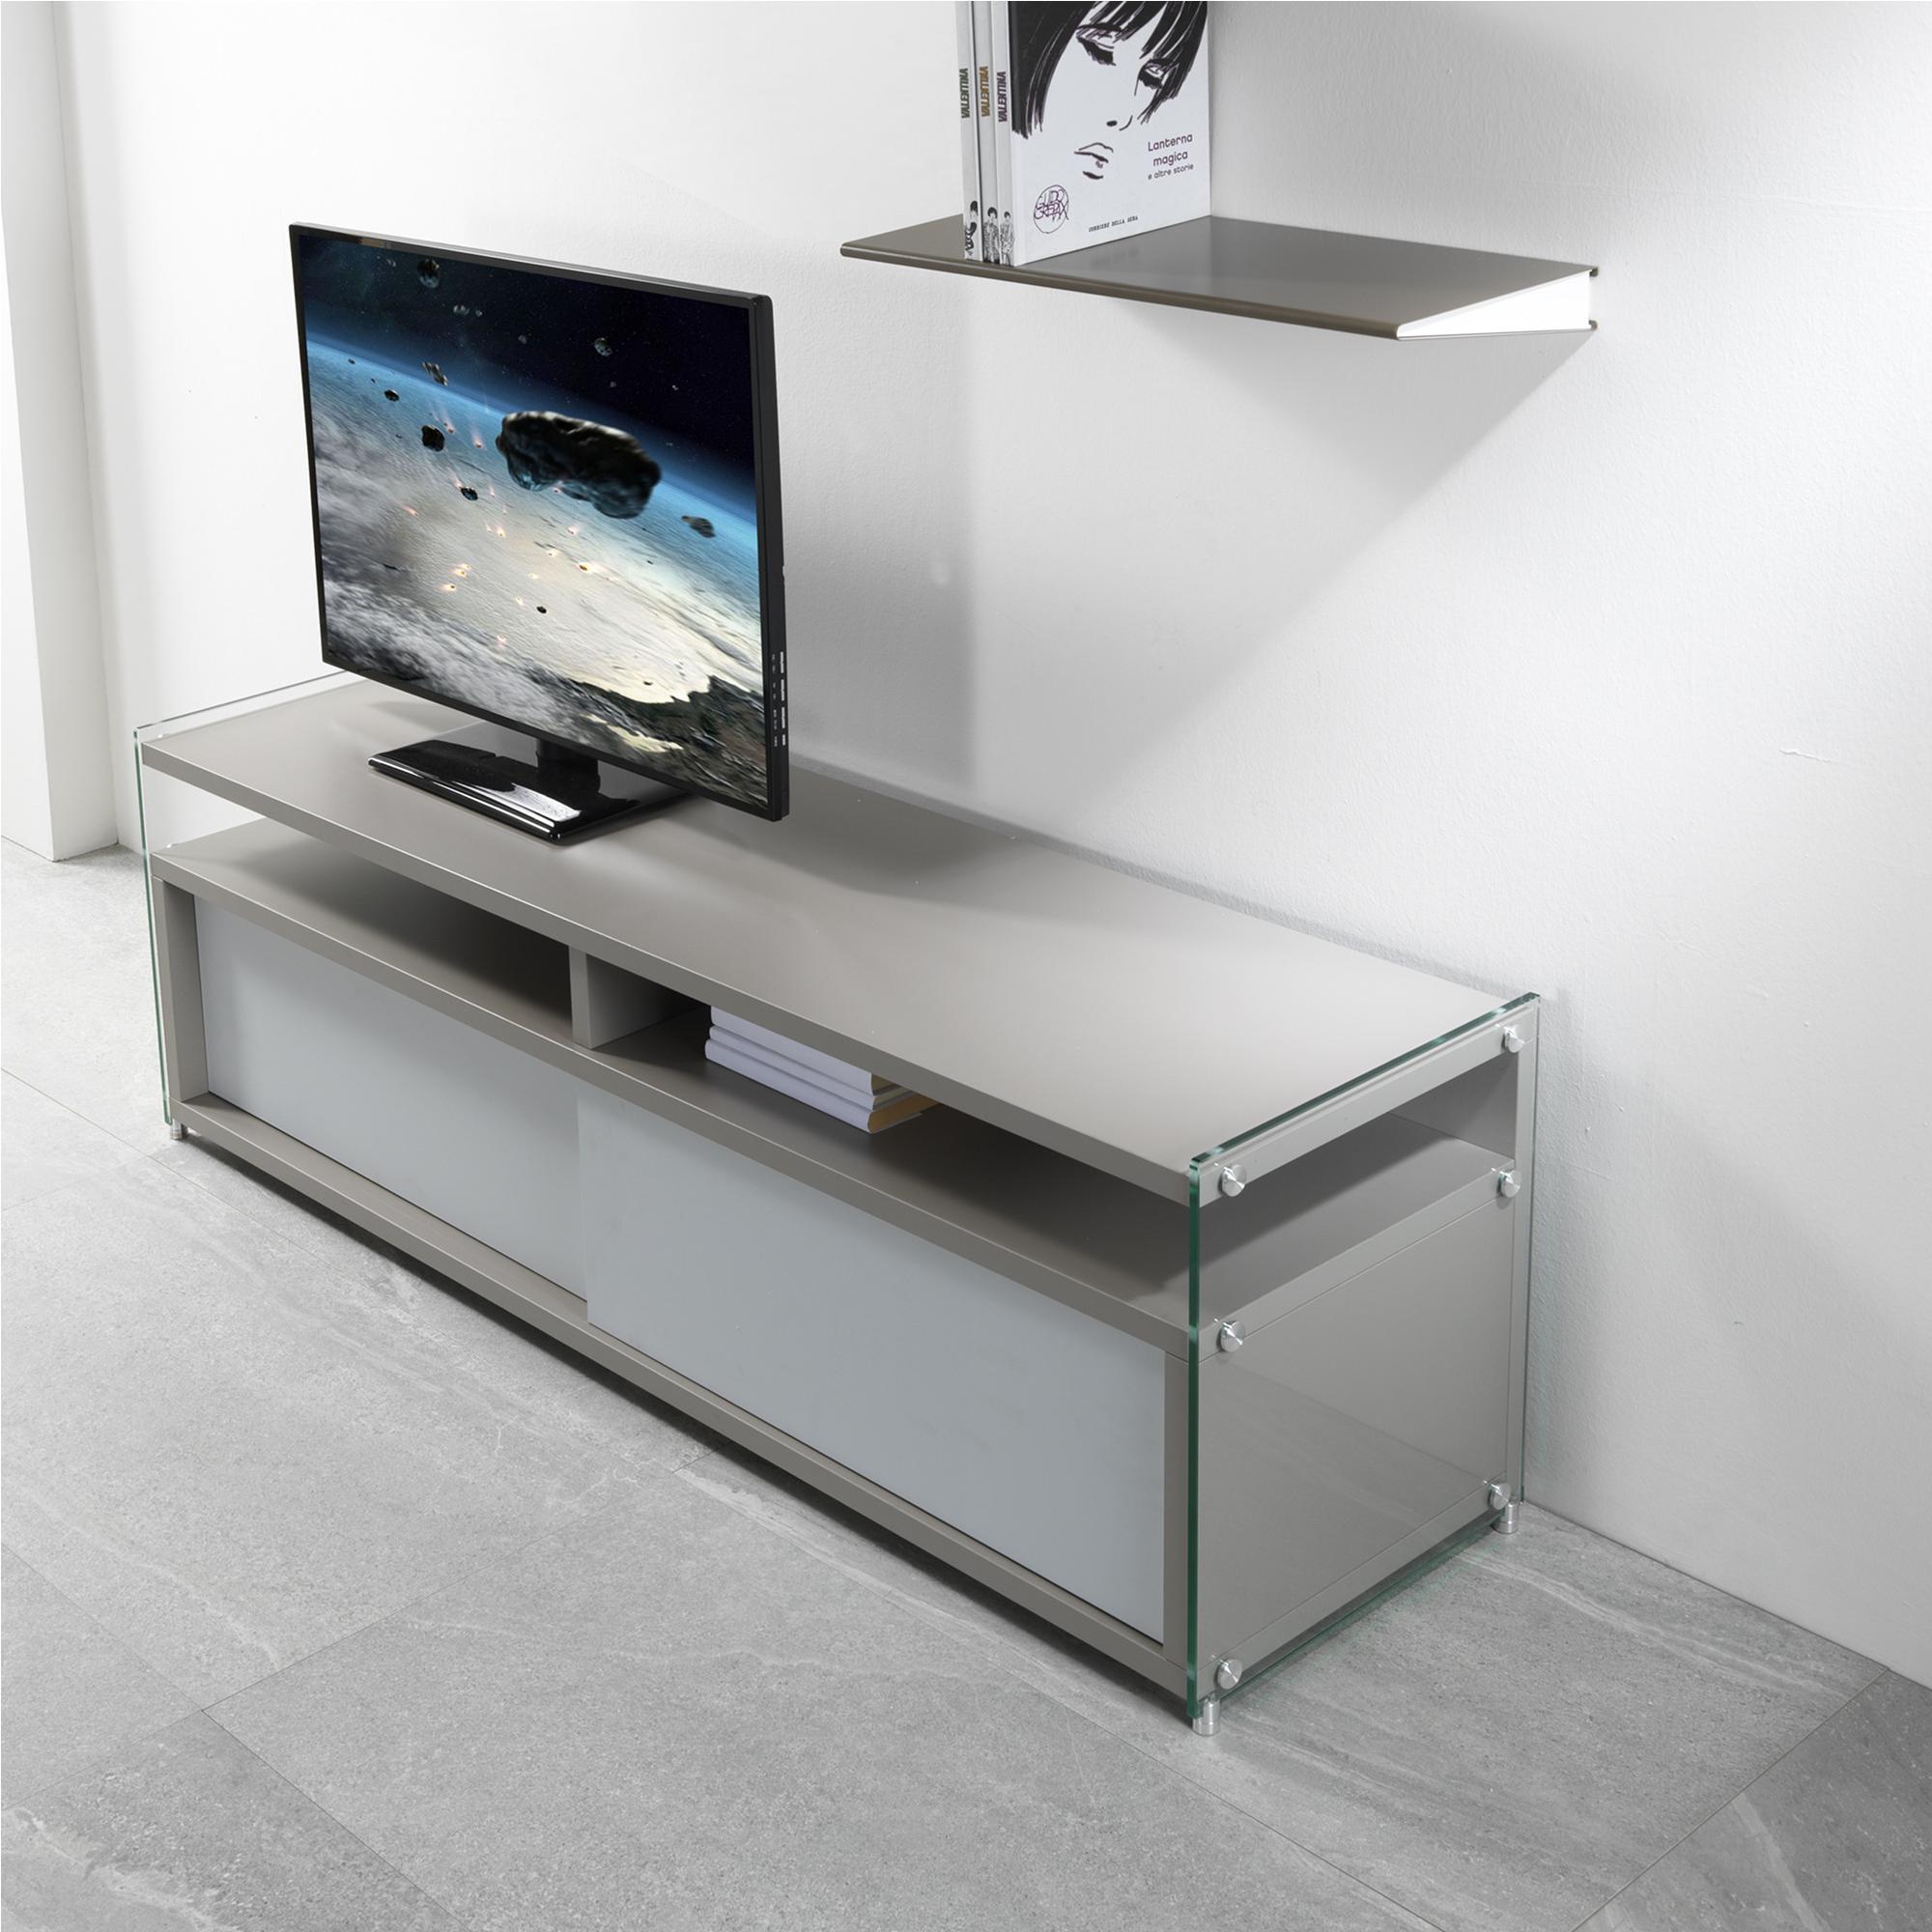 Mobile Porta Tv Grigio.Mobile Porta Tv Aperto In Legno 140x39x48h Cm Colore Grigio Cenere Fianchi In Vetro Trasparente Pezzani Srl